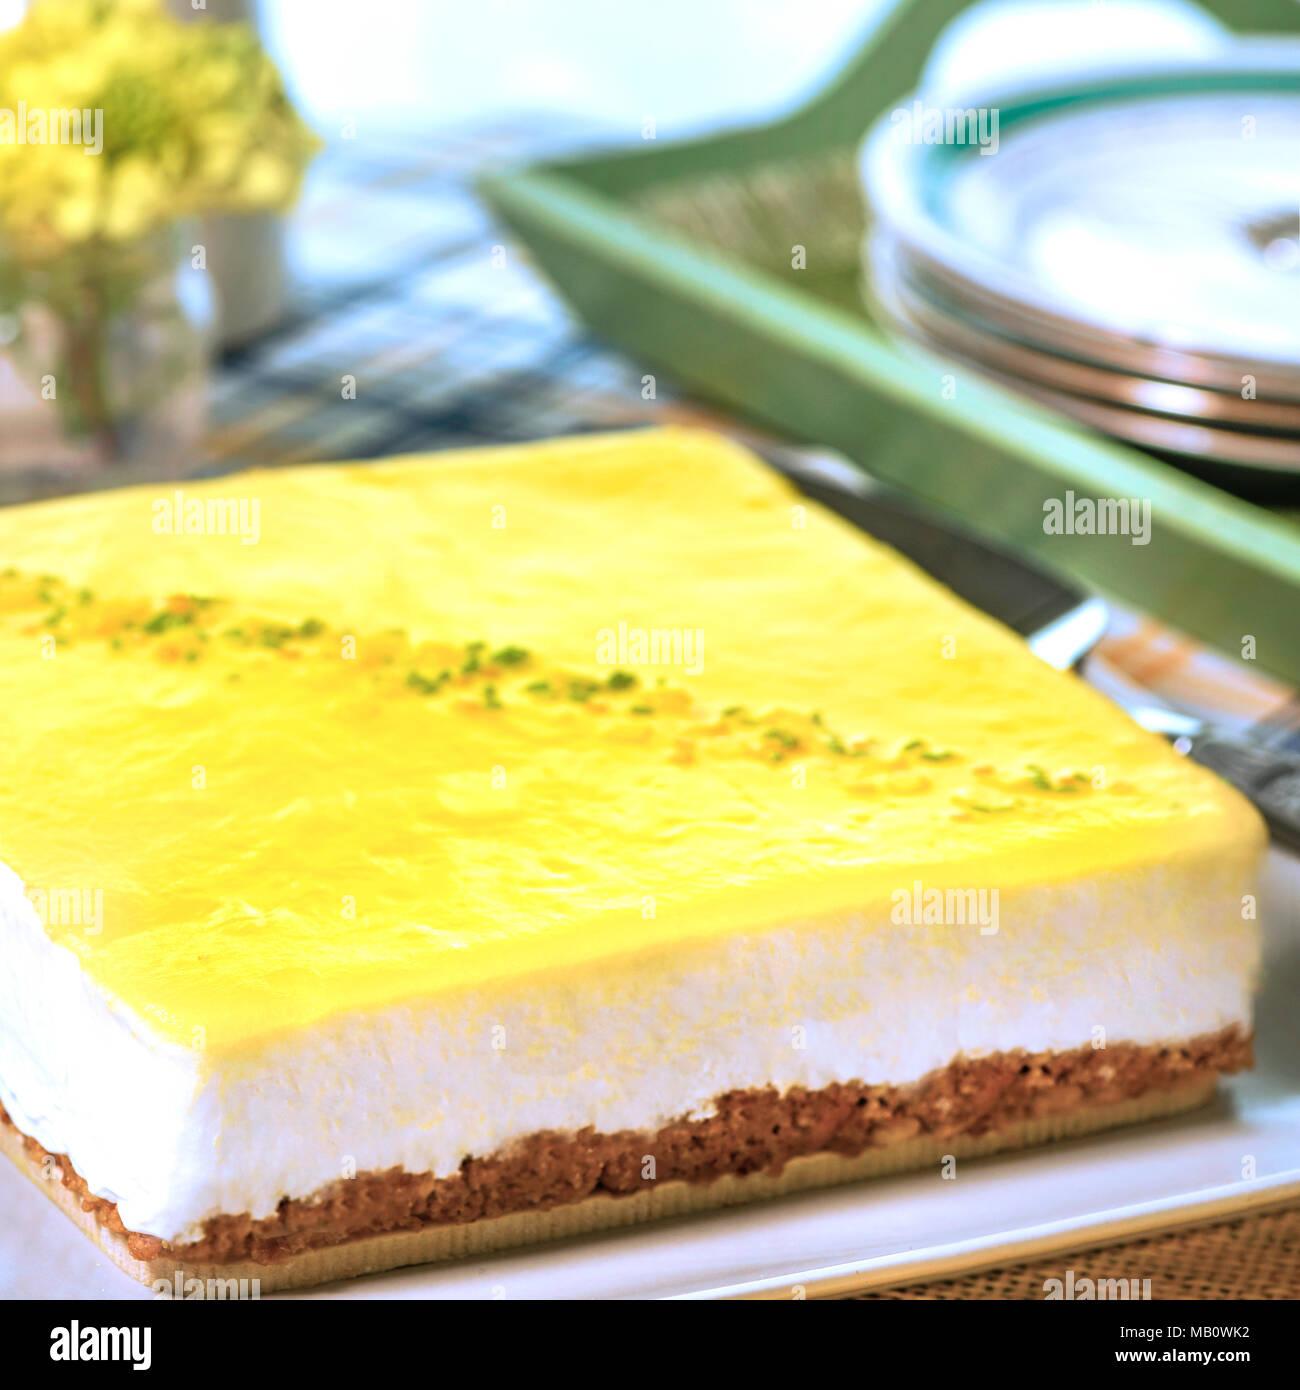 Uncut todo el pastel de limón en una configuración de verano listo para un picnic en un formato cuadrado con espacio de copia Imagen De Stock